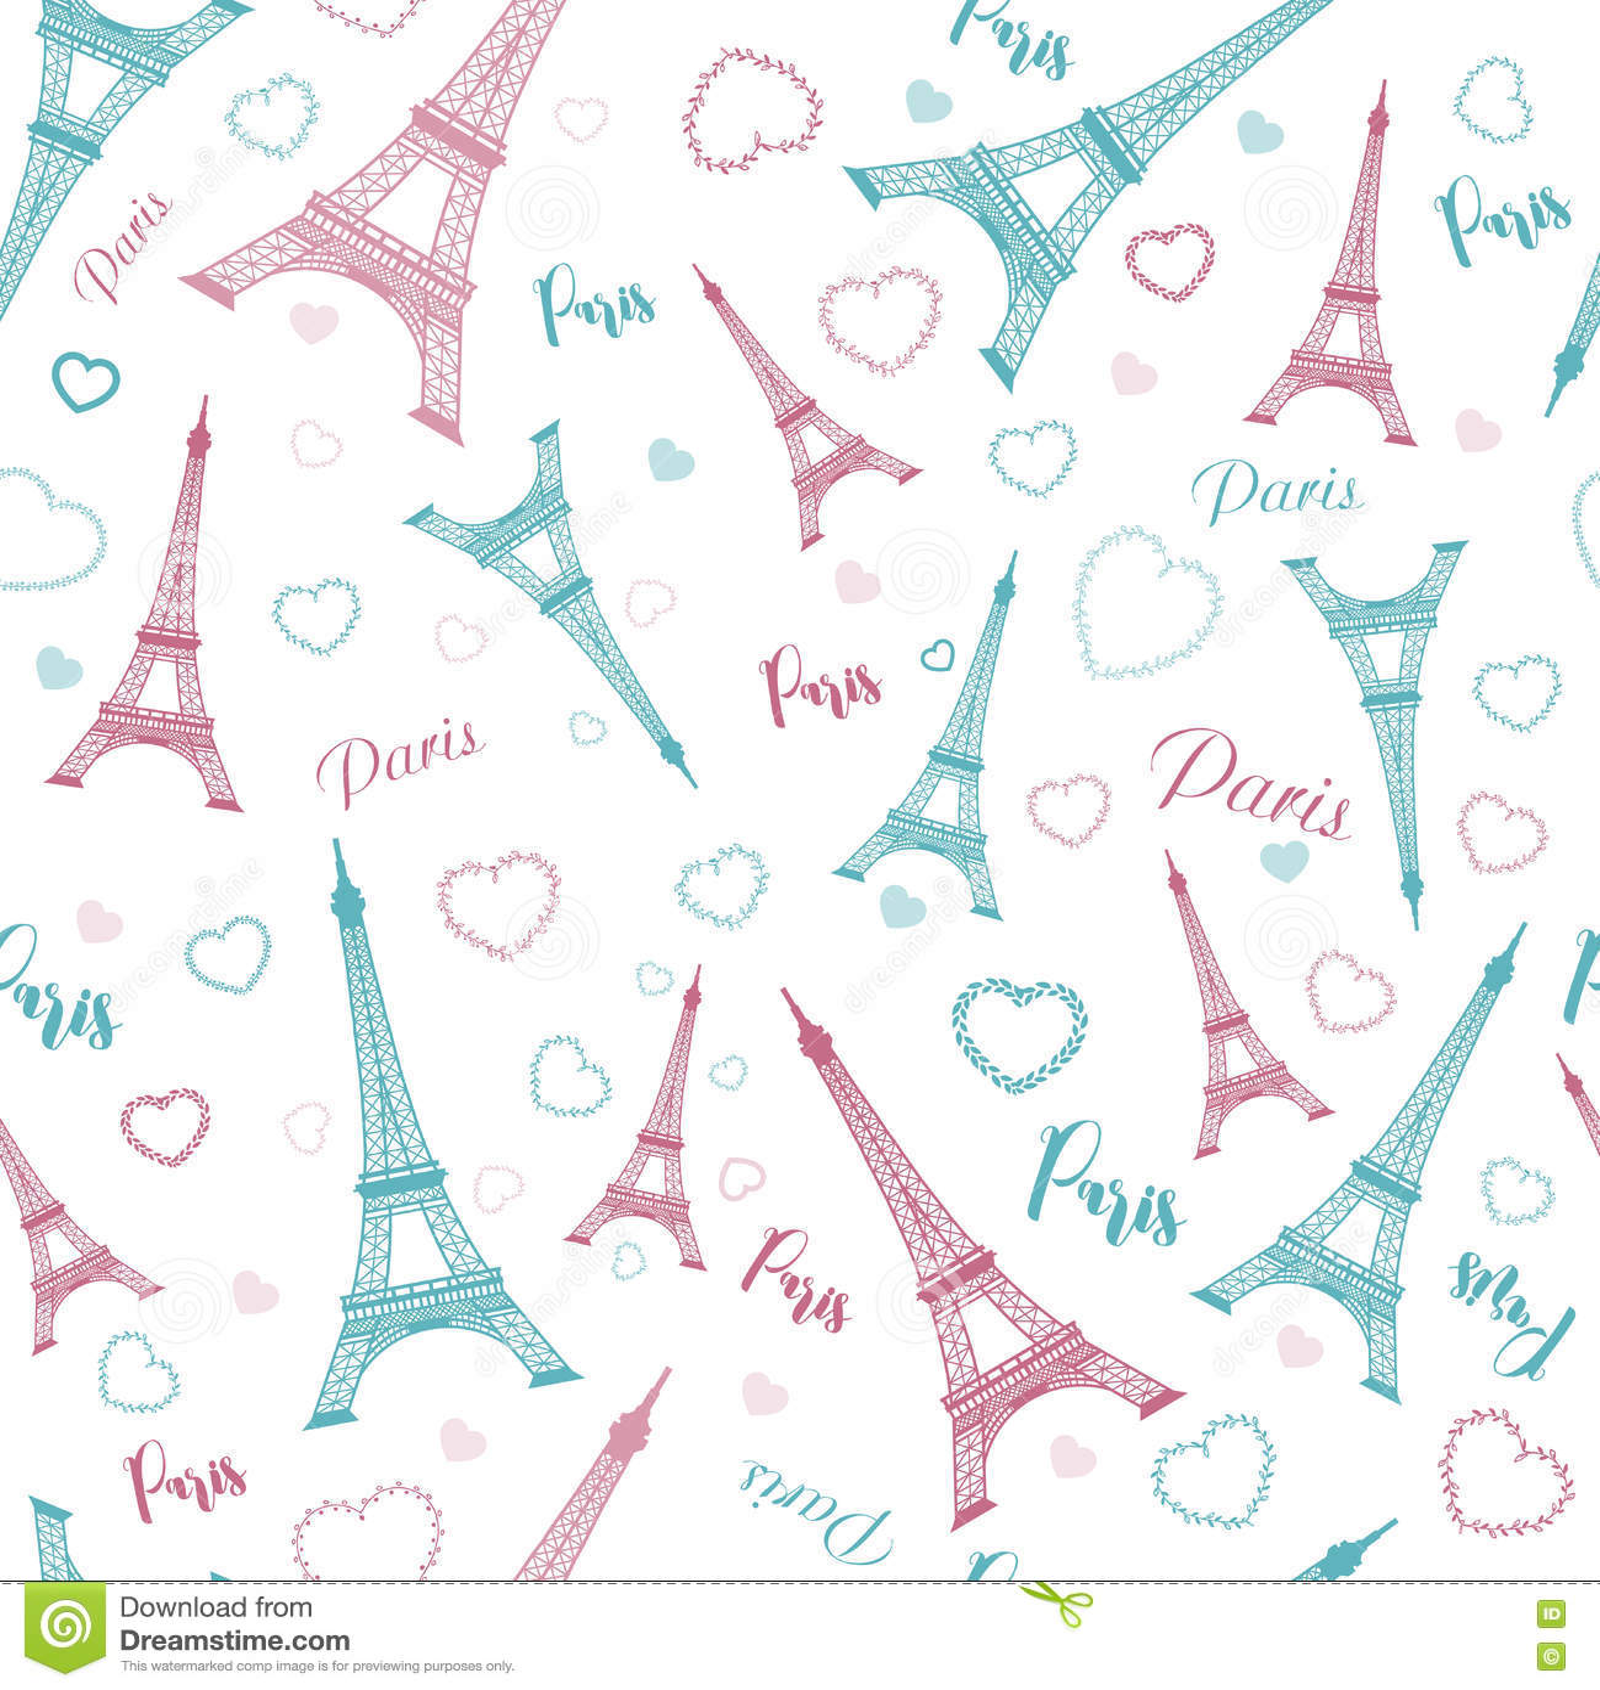 ... -pars-amor-modelo-inconstil-con-los-corazones-romnticos-74543333.jpg